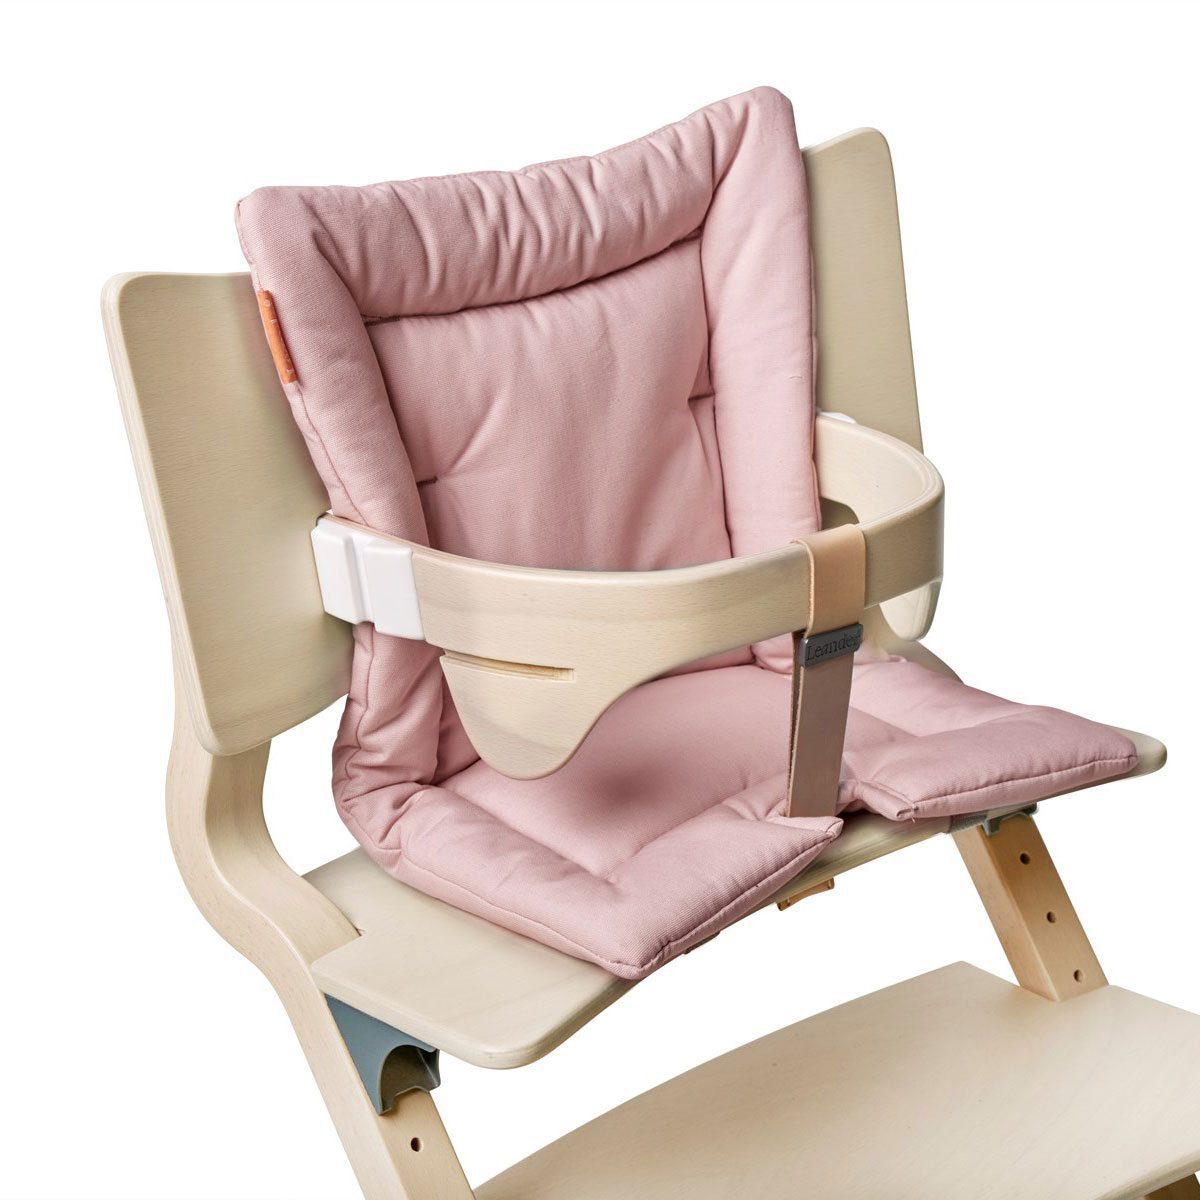 Leander kinderstoel kussen soft pink